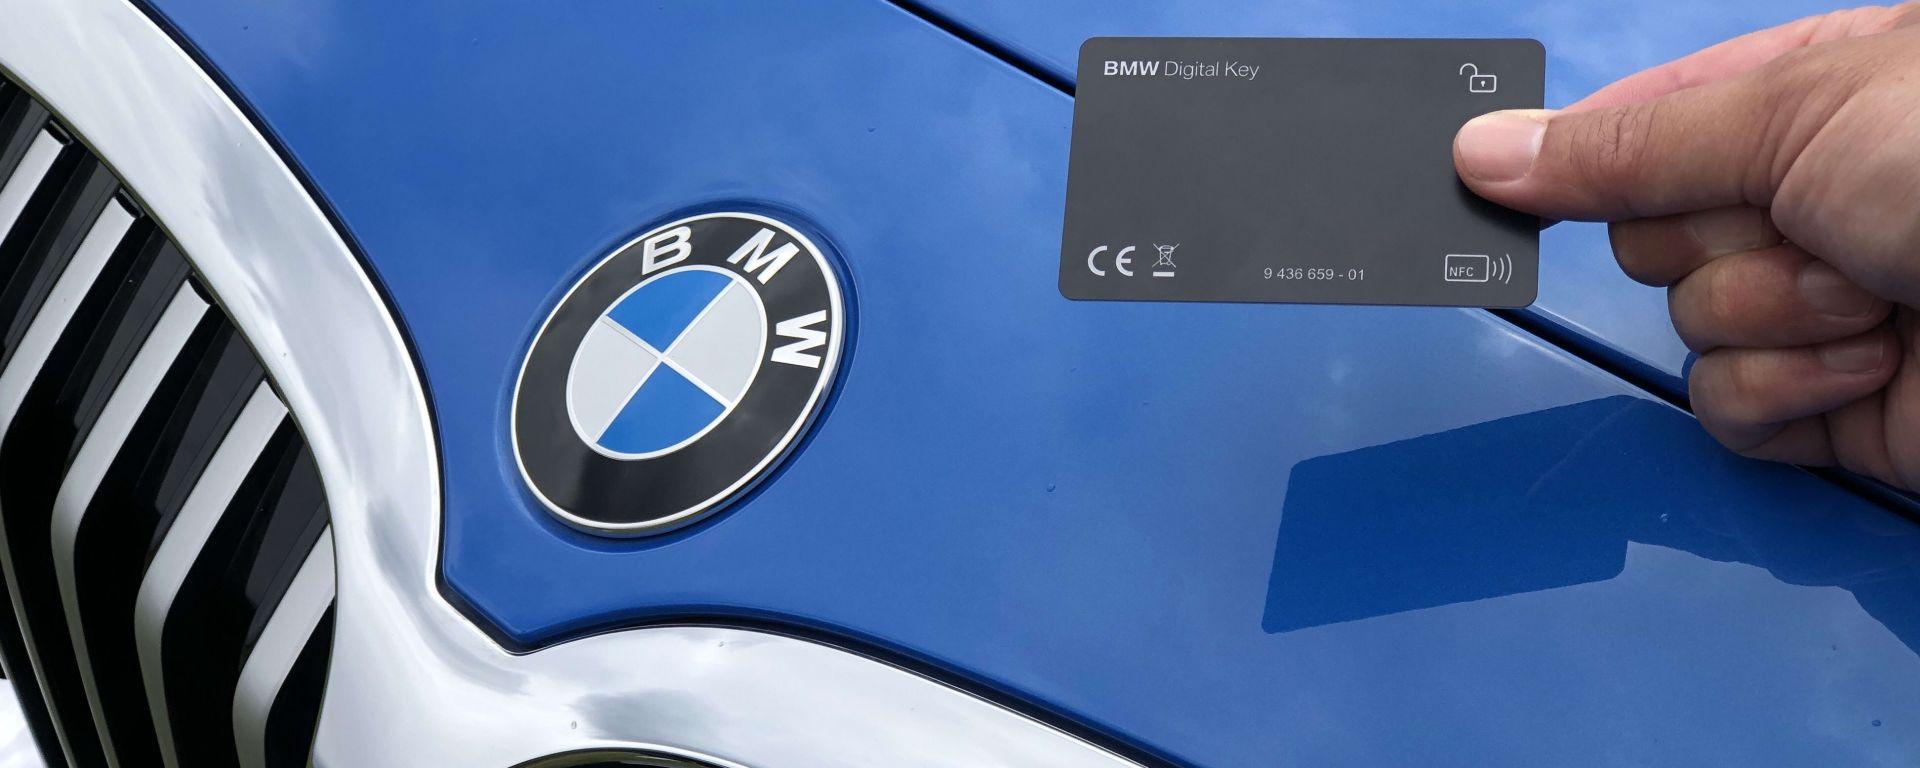 BMW, con il nuovo aggiornamento arriva anche la chiave digitale